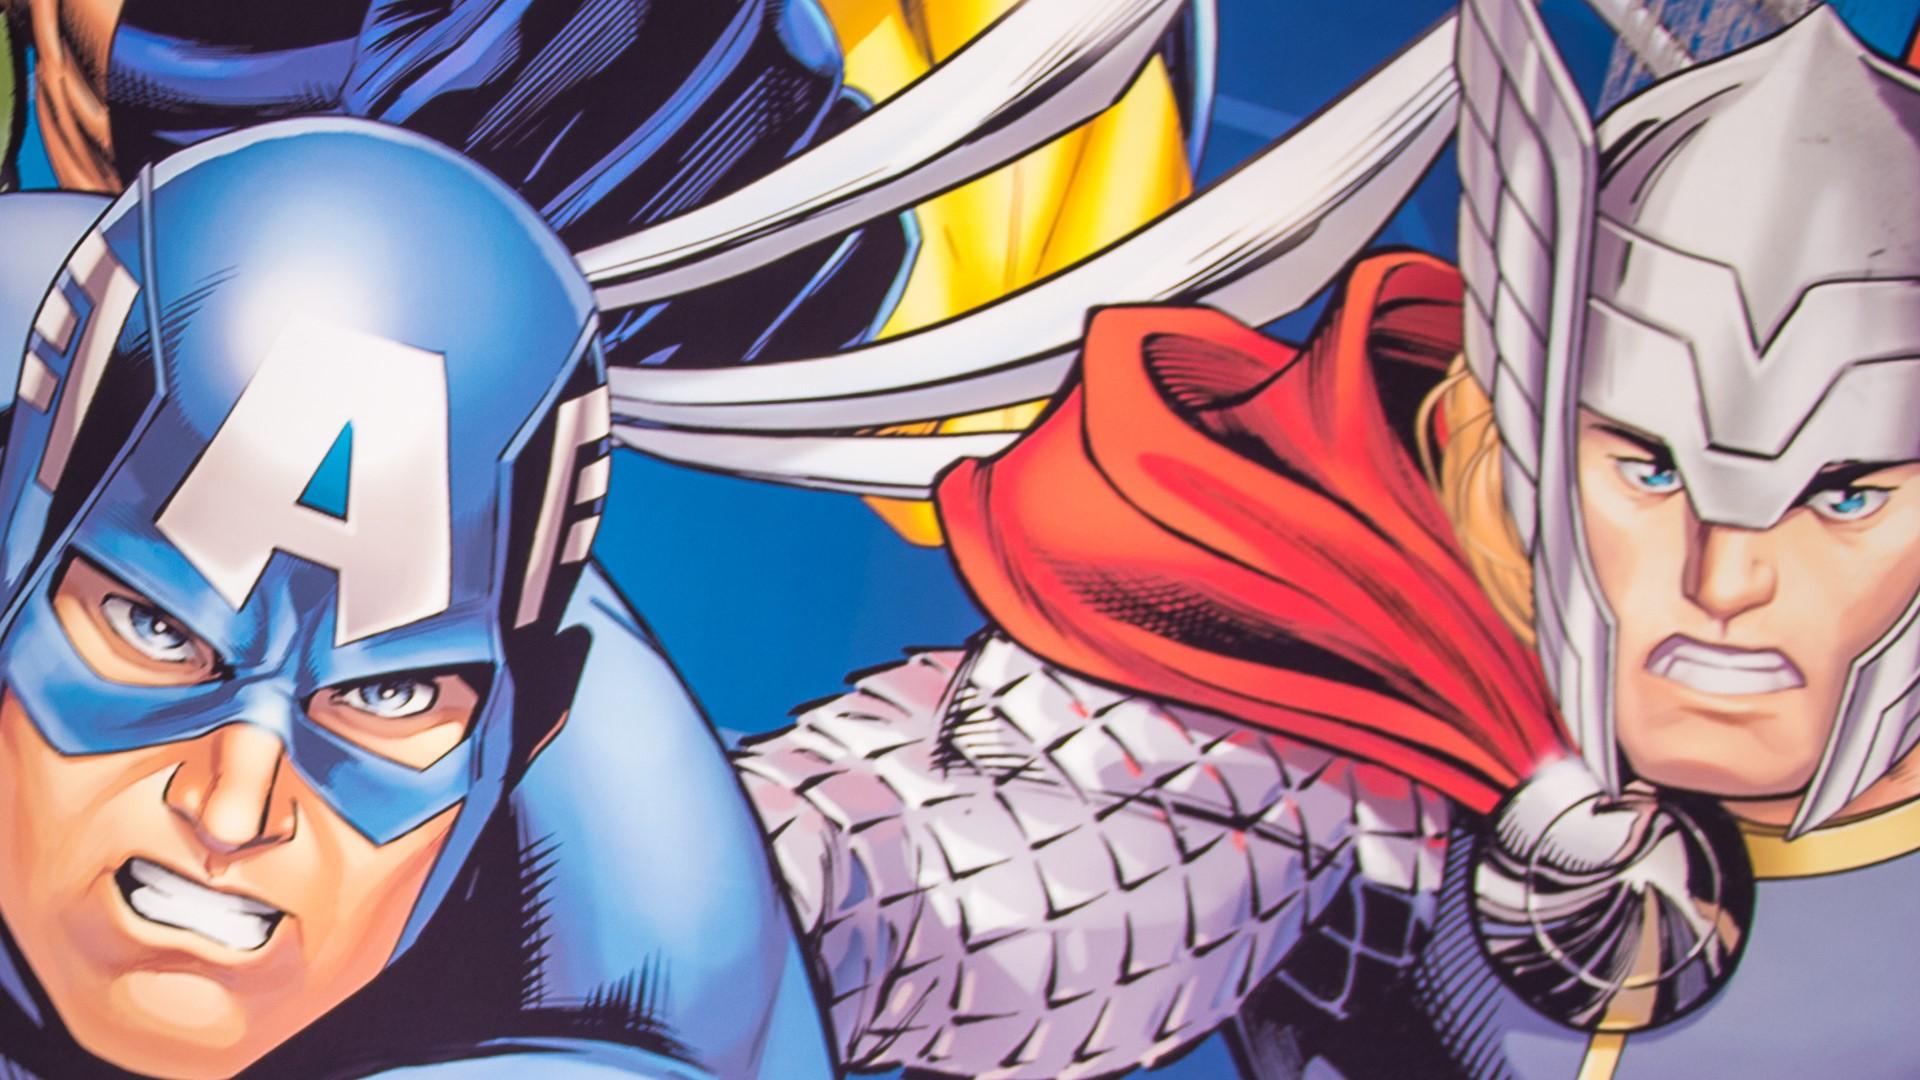 Cómics de Marvel: ¿Cuáles son los mejores del 2020?